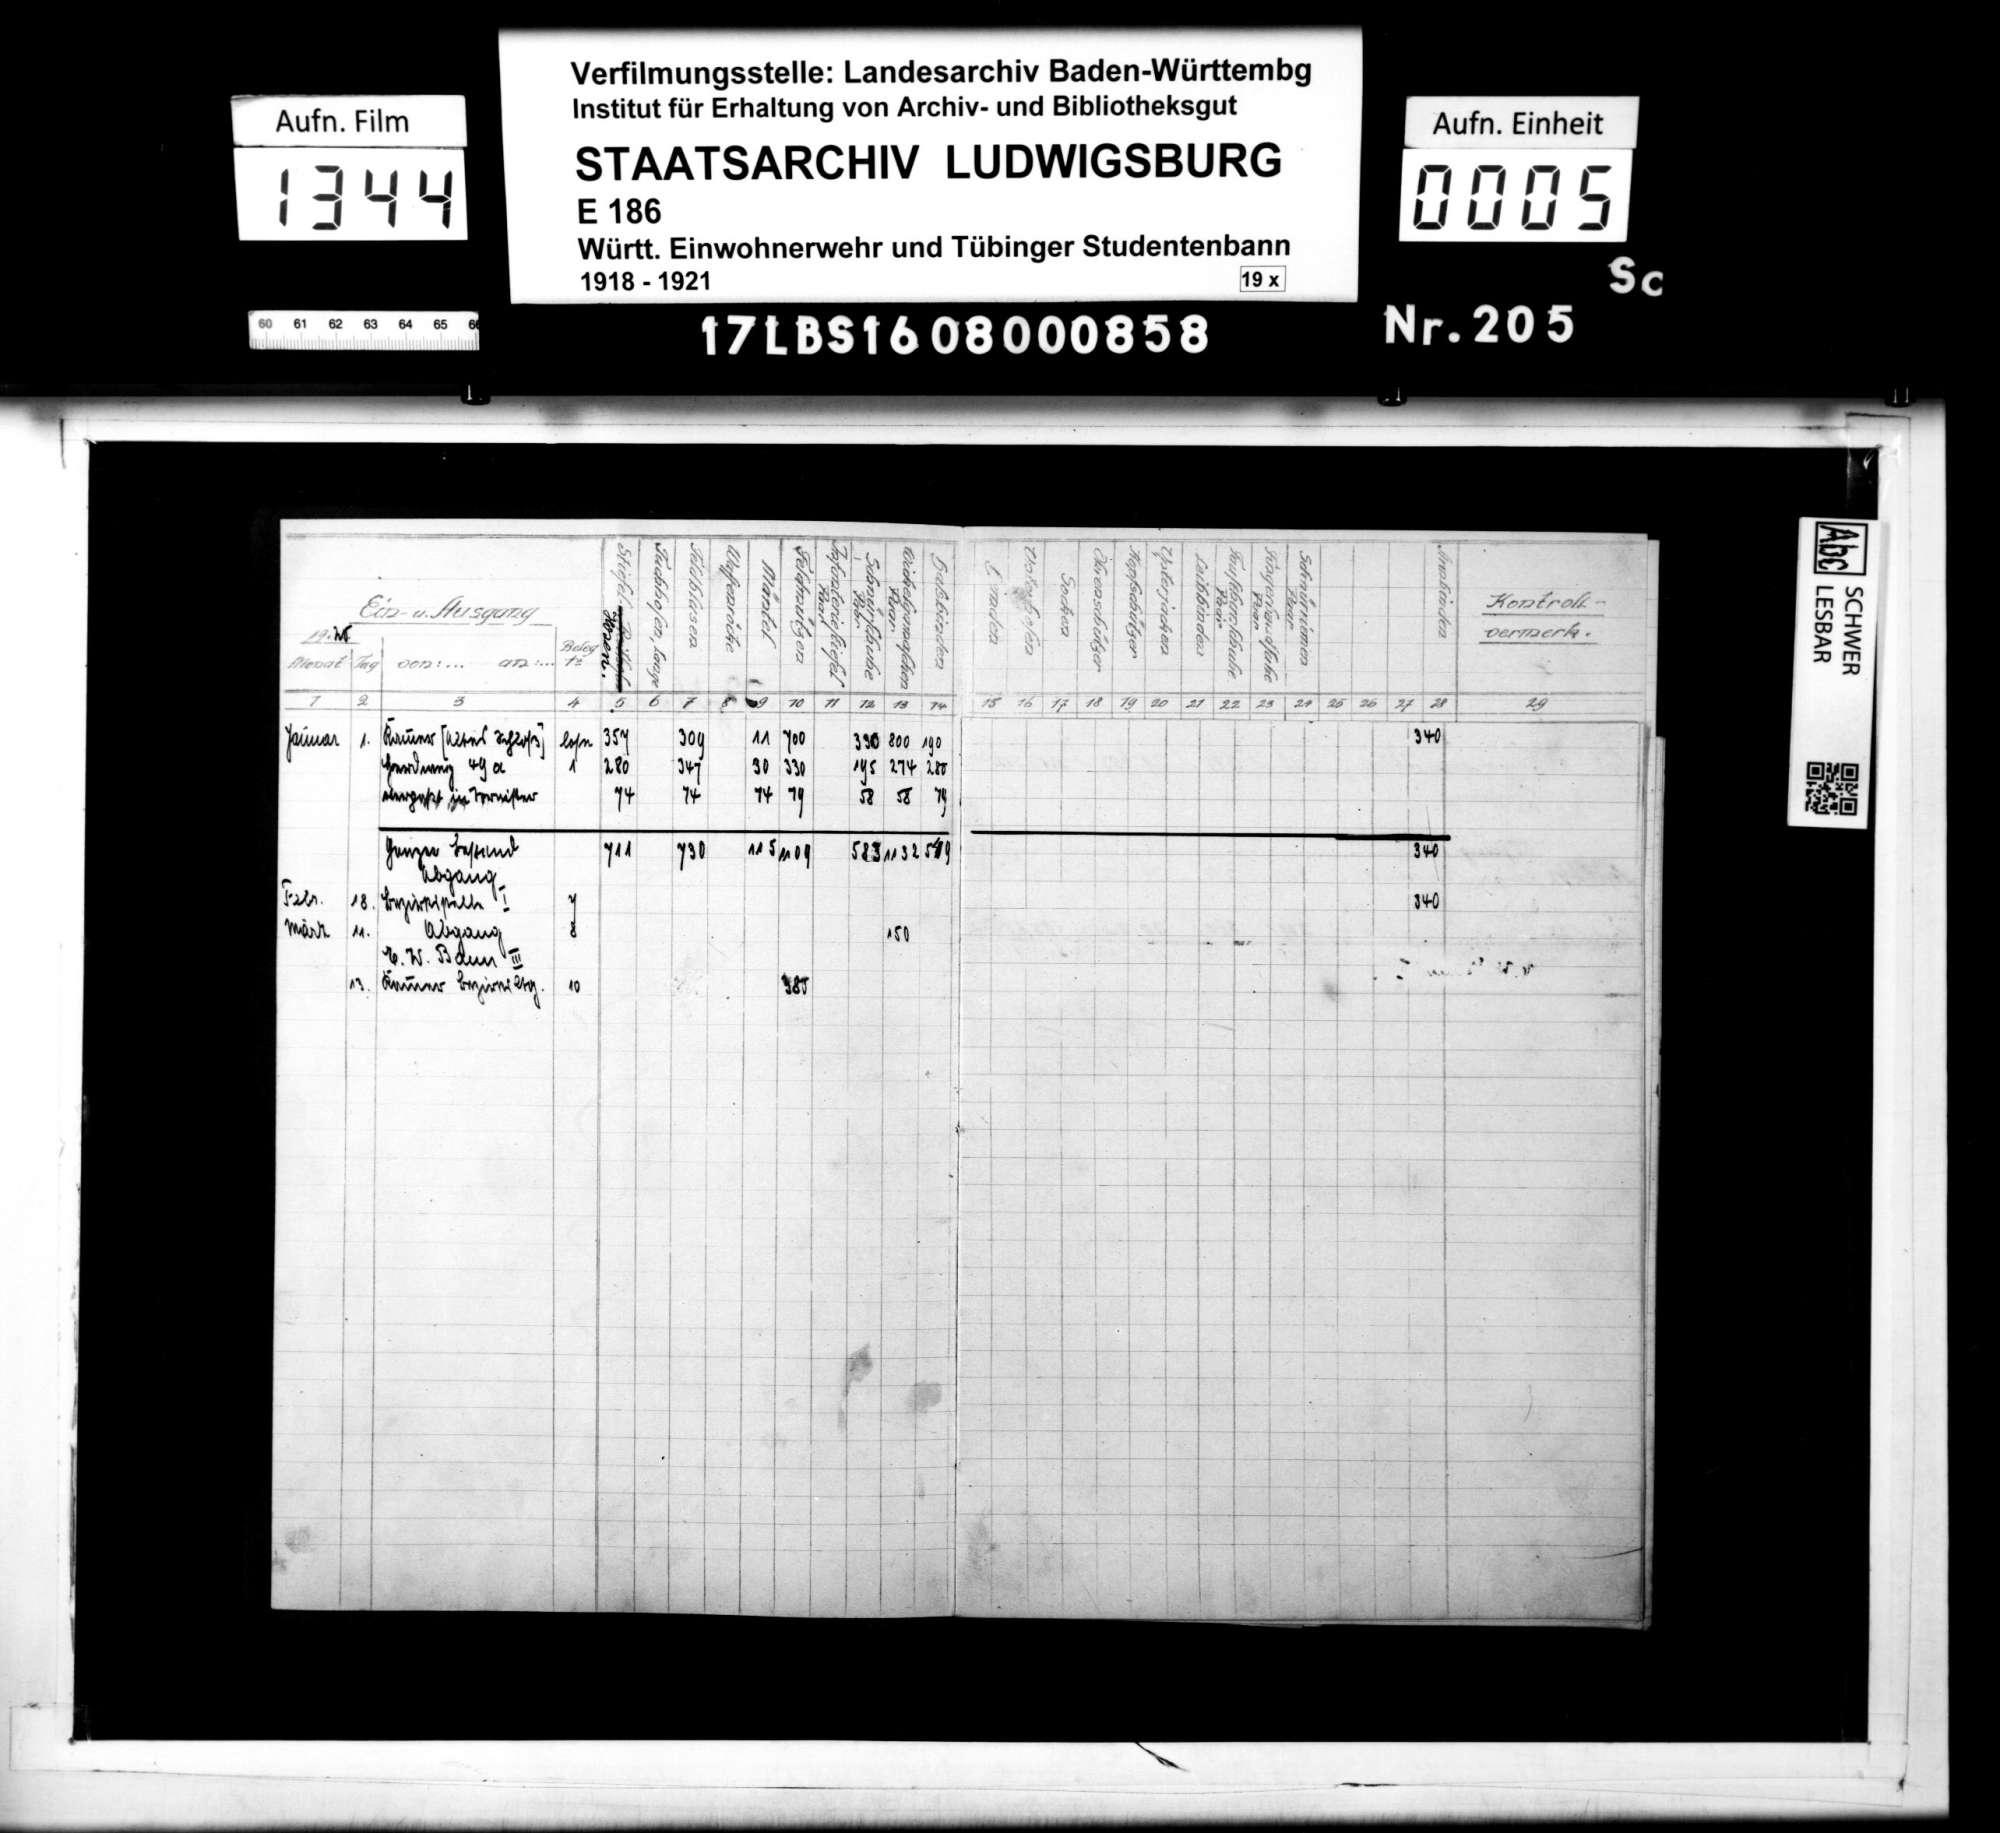 Bestandsbuch Bekleidung und Ausrüstung, Bild 3